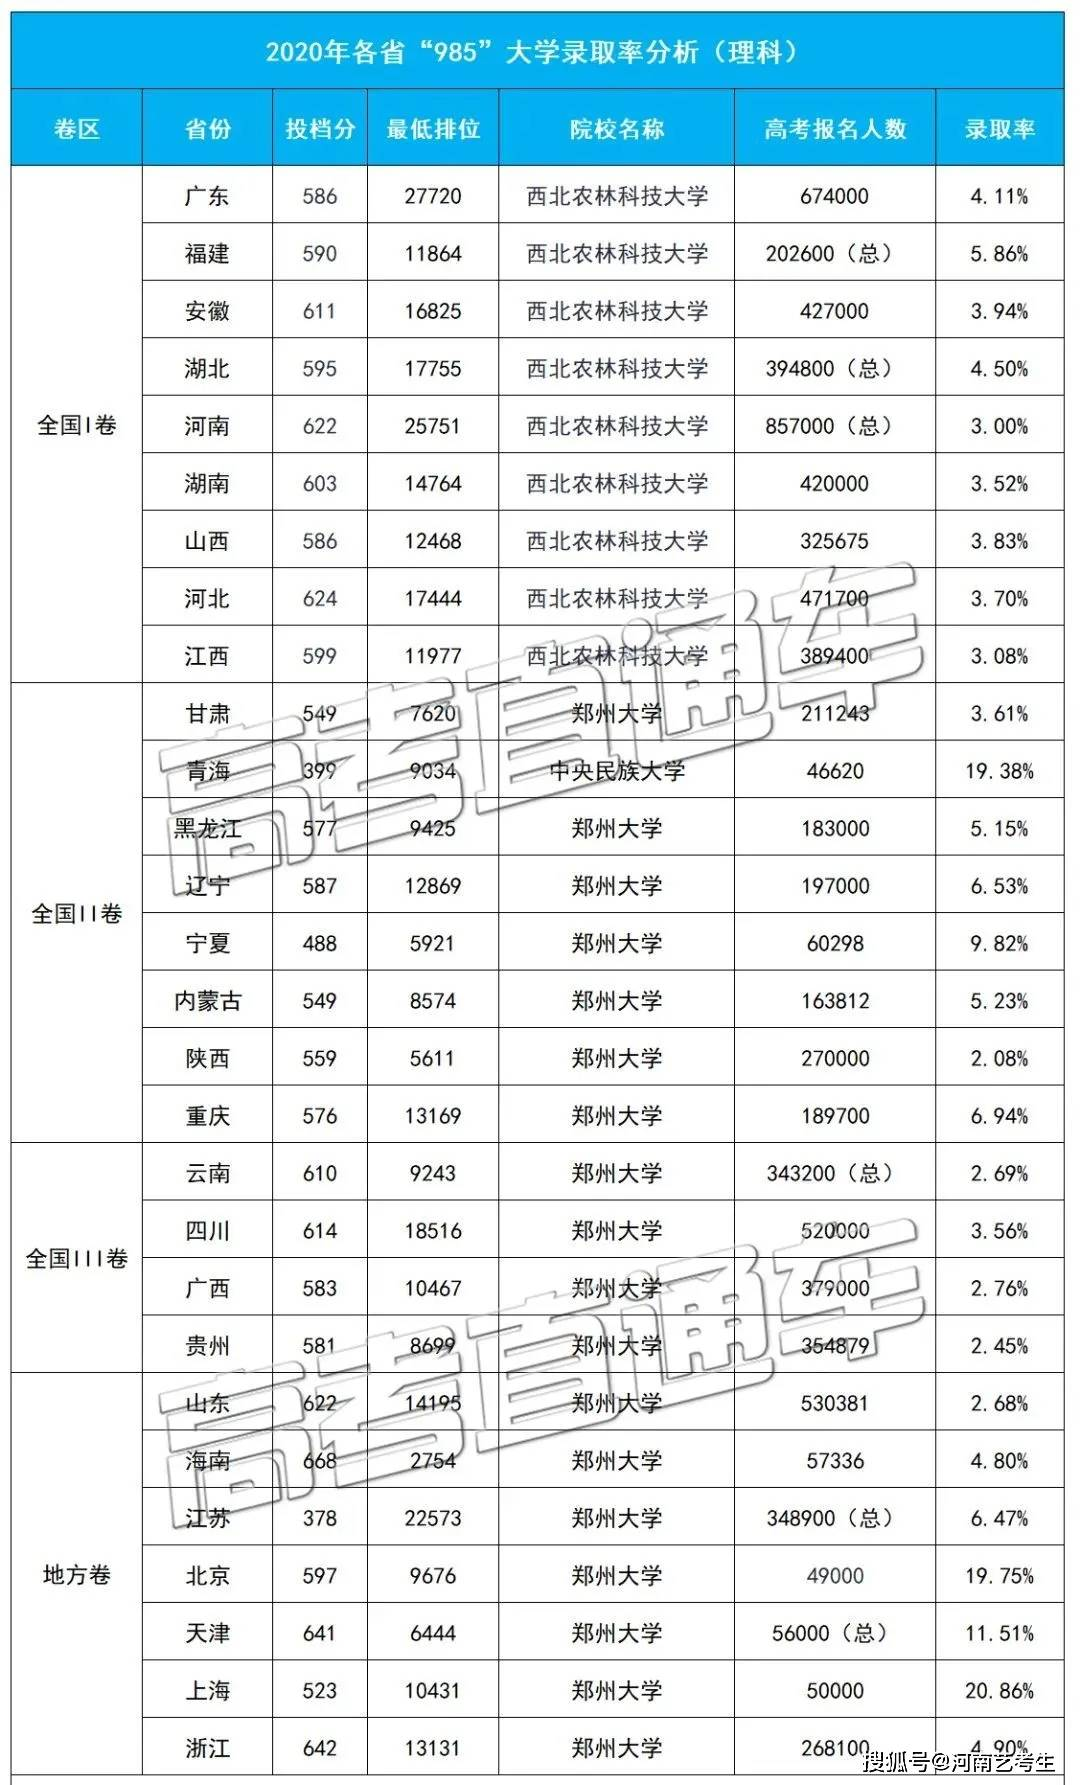 2020省份高考排名_高考难度省份排名